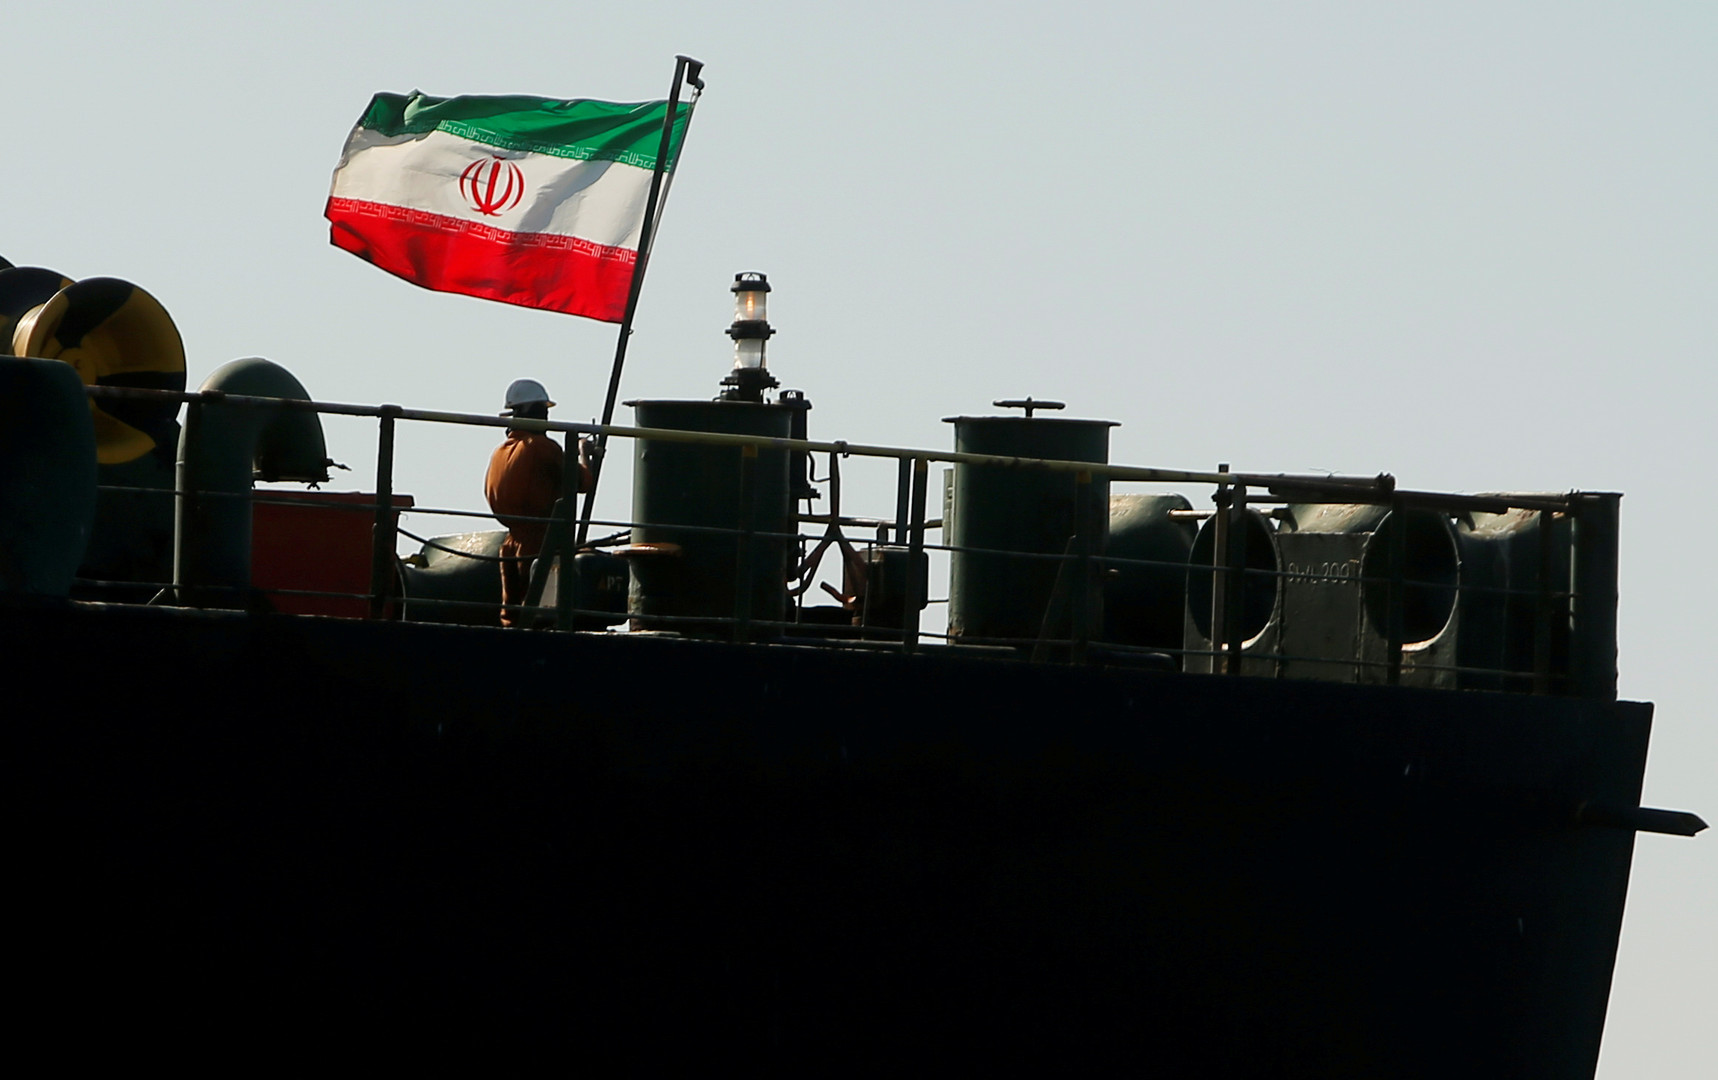 الحرس الثوري: إيران سترد بحزم على أي تحرك أمريكي ضد ناقلة النفط الإيرانية